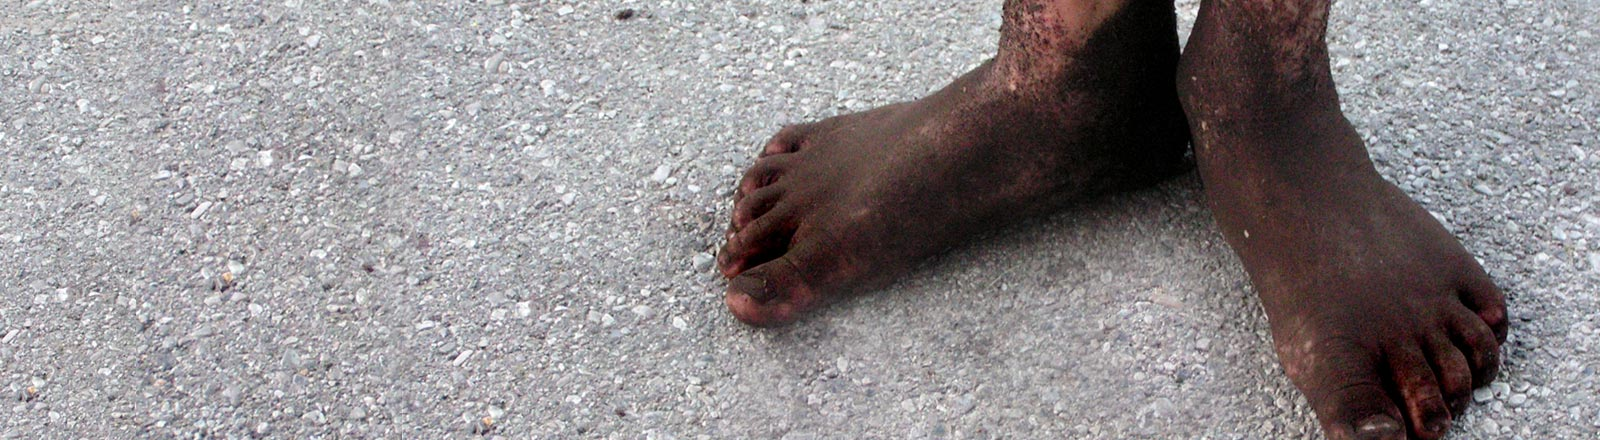 Eine Junge mit schlammigen Füßen